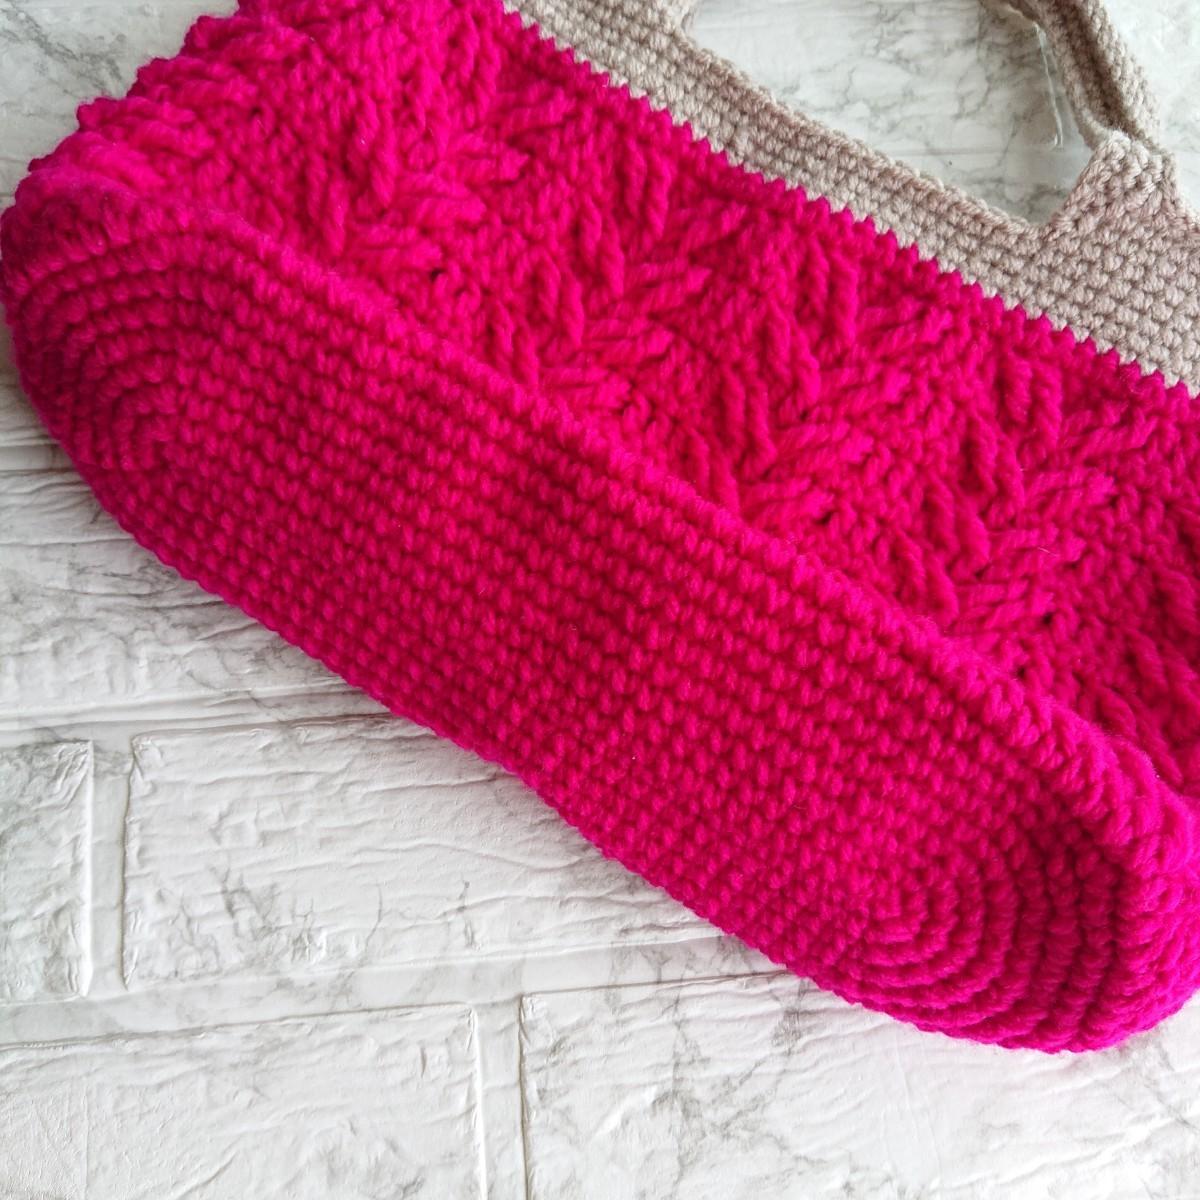 ハンドバッグ 毛糸 秋冬 模様編み ハンドメイド ショッキングピンク マルシェバッグ トートバッグ マルシェ